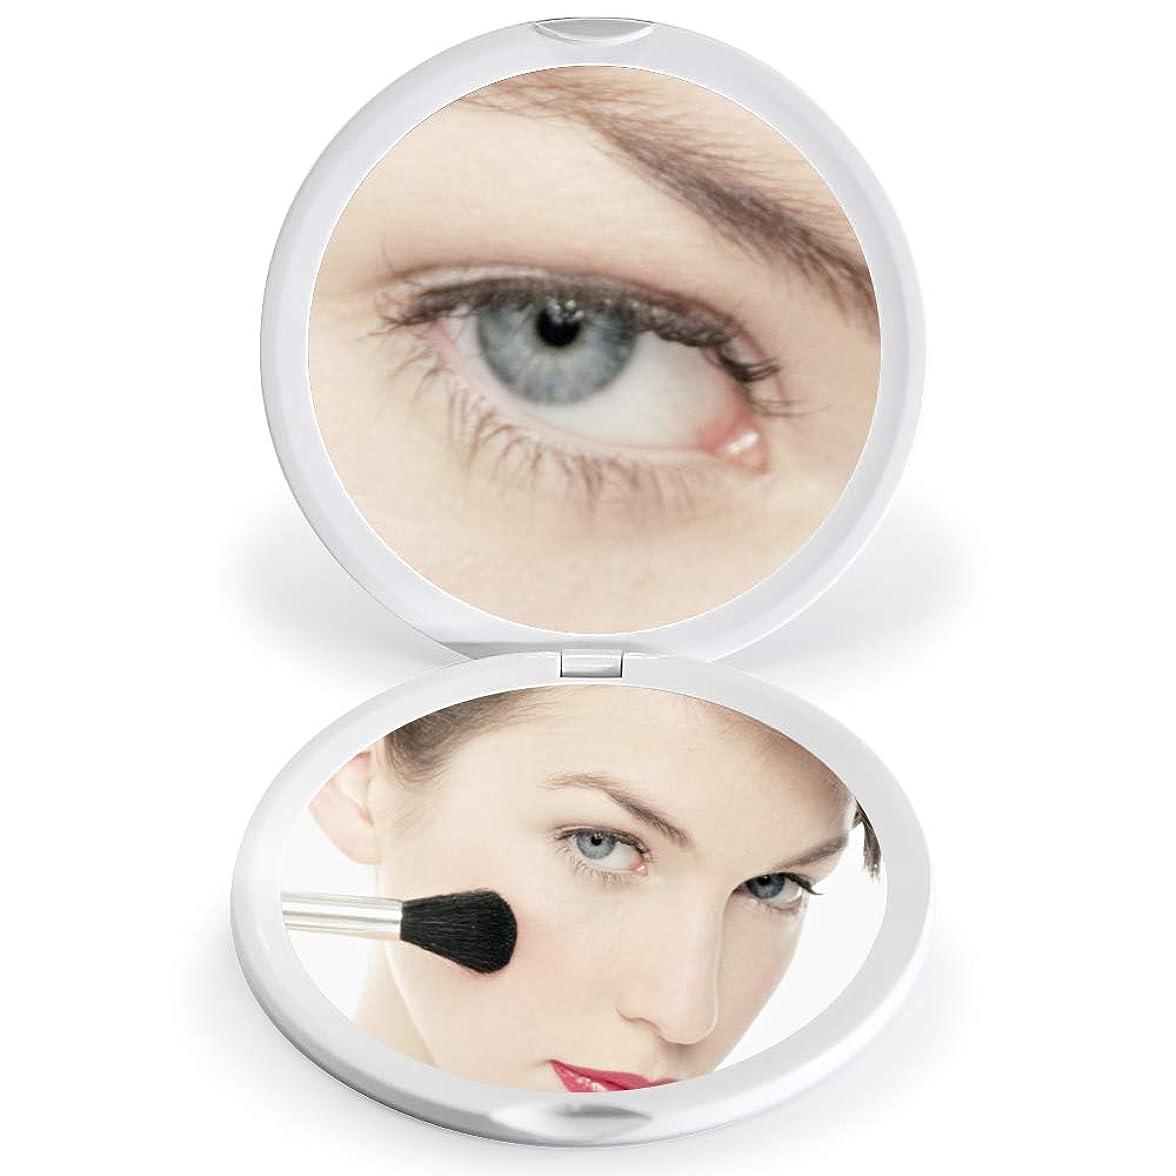 くそー診断する裕福なFASCINATE 化粧鏡 化粧ミラー 鏡 女優ミラー 拡大鏡 10倍 明るさ調節可能 電池給電 (ホワイト)